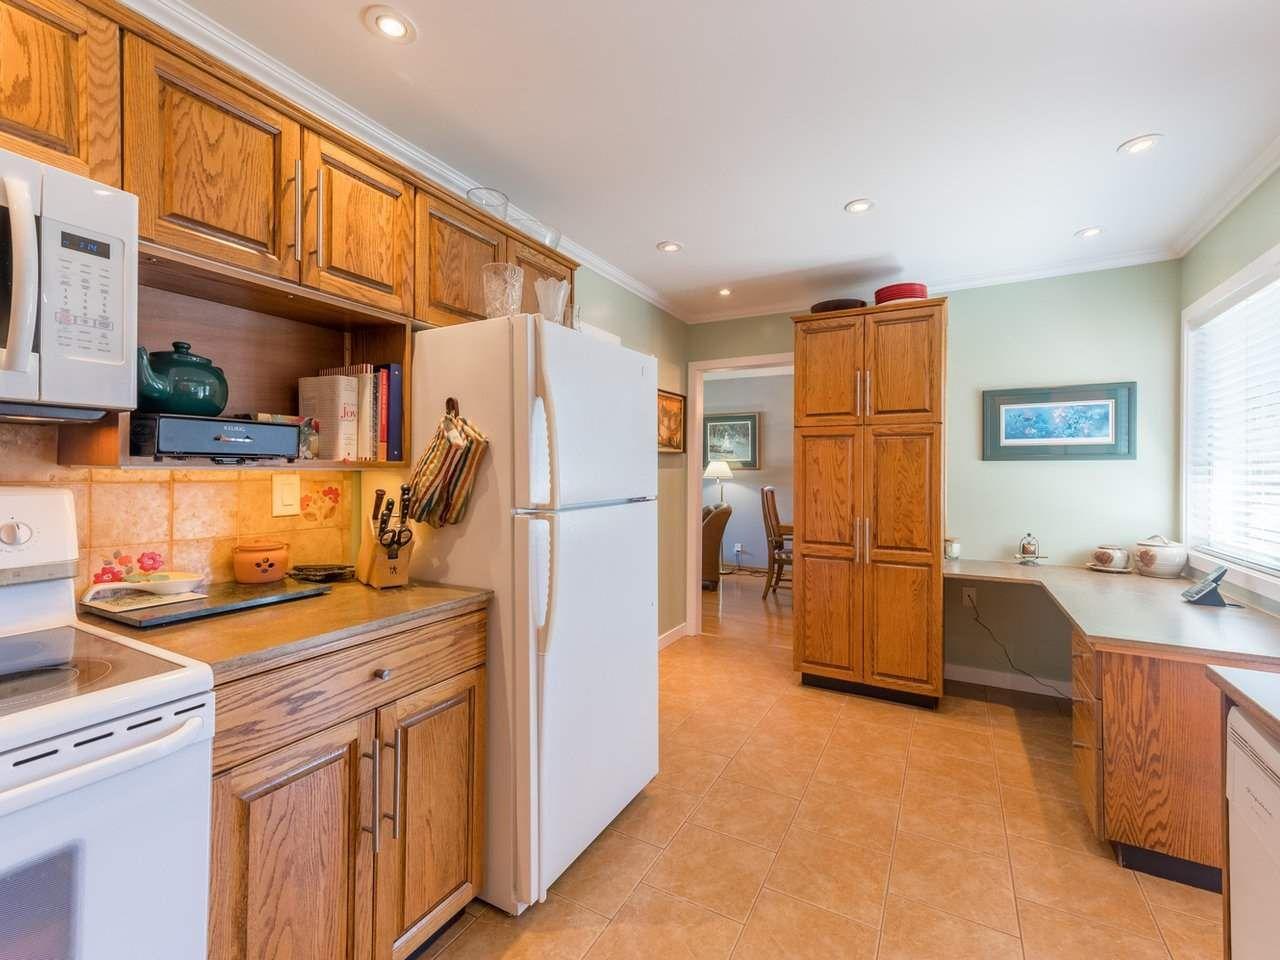 Photo 13: Photos: 808 REGAN Avenue in Coquitlam: Coquitlam West House for sale : MLS®# R2563486